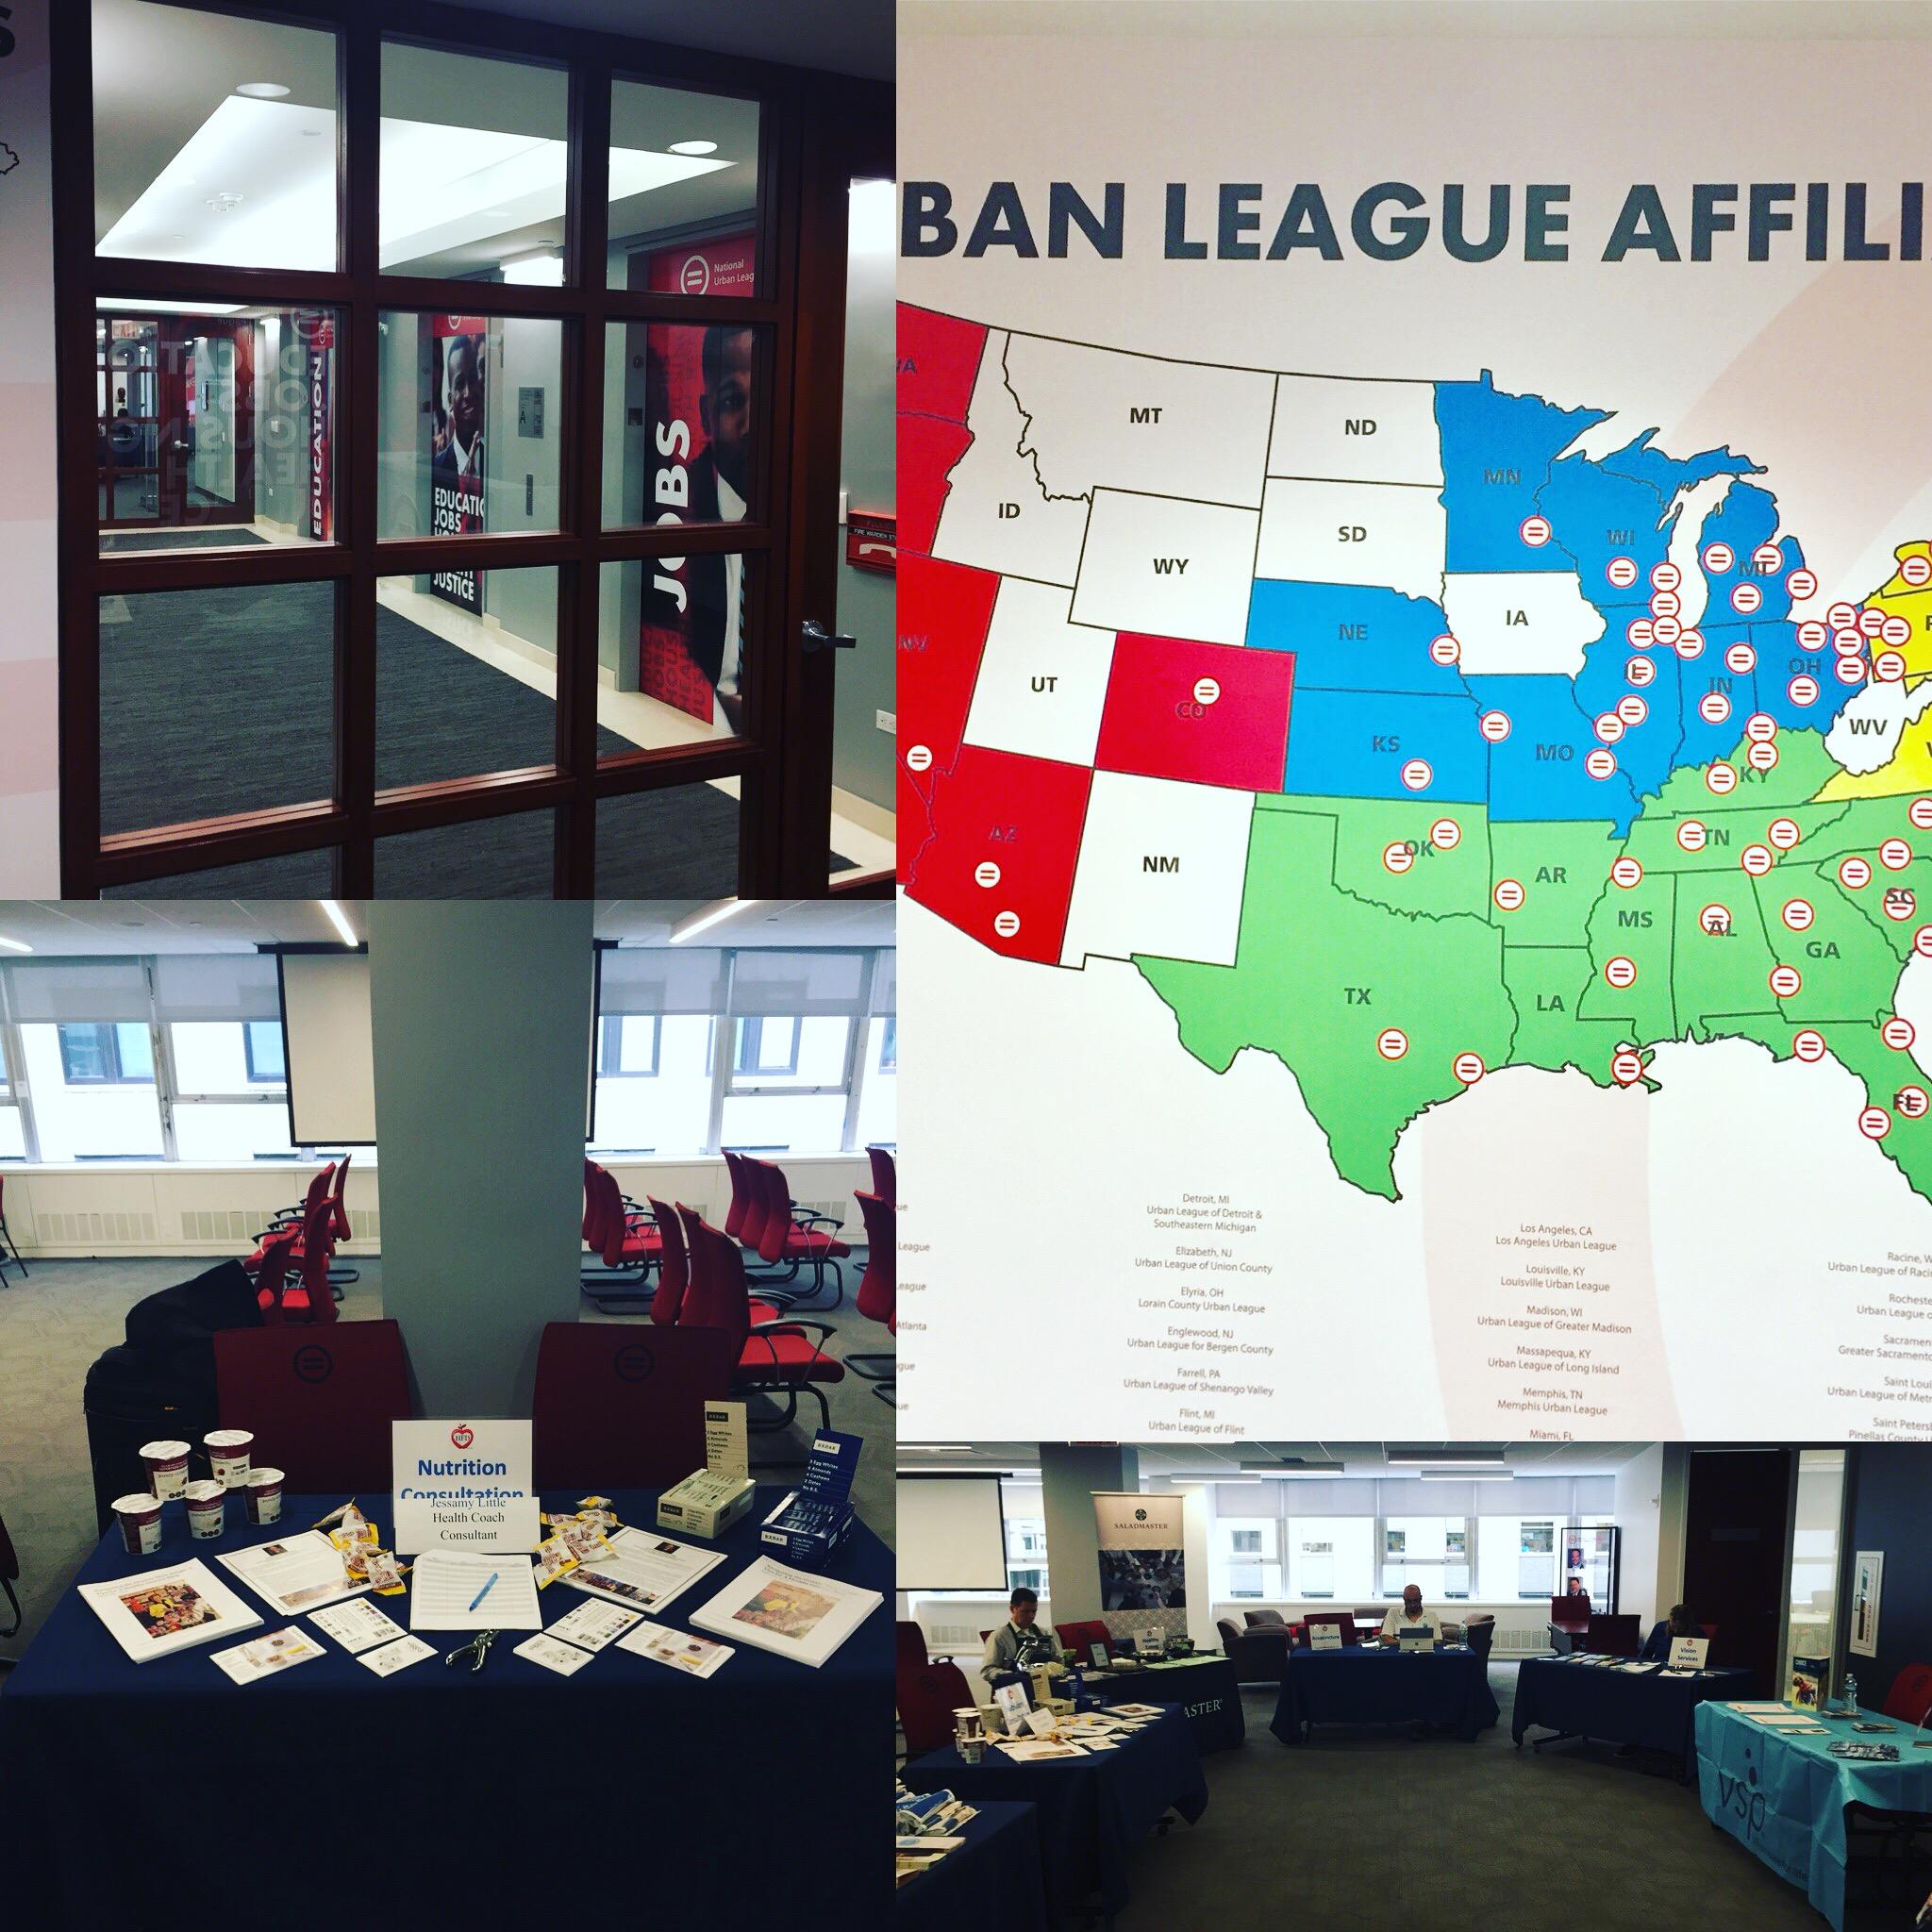 National Urban League